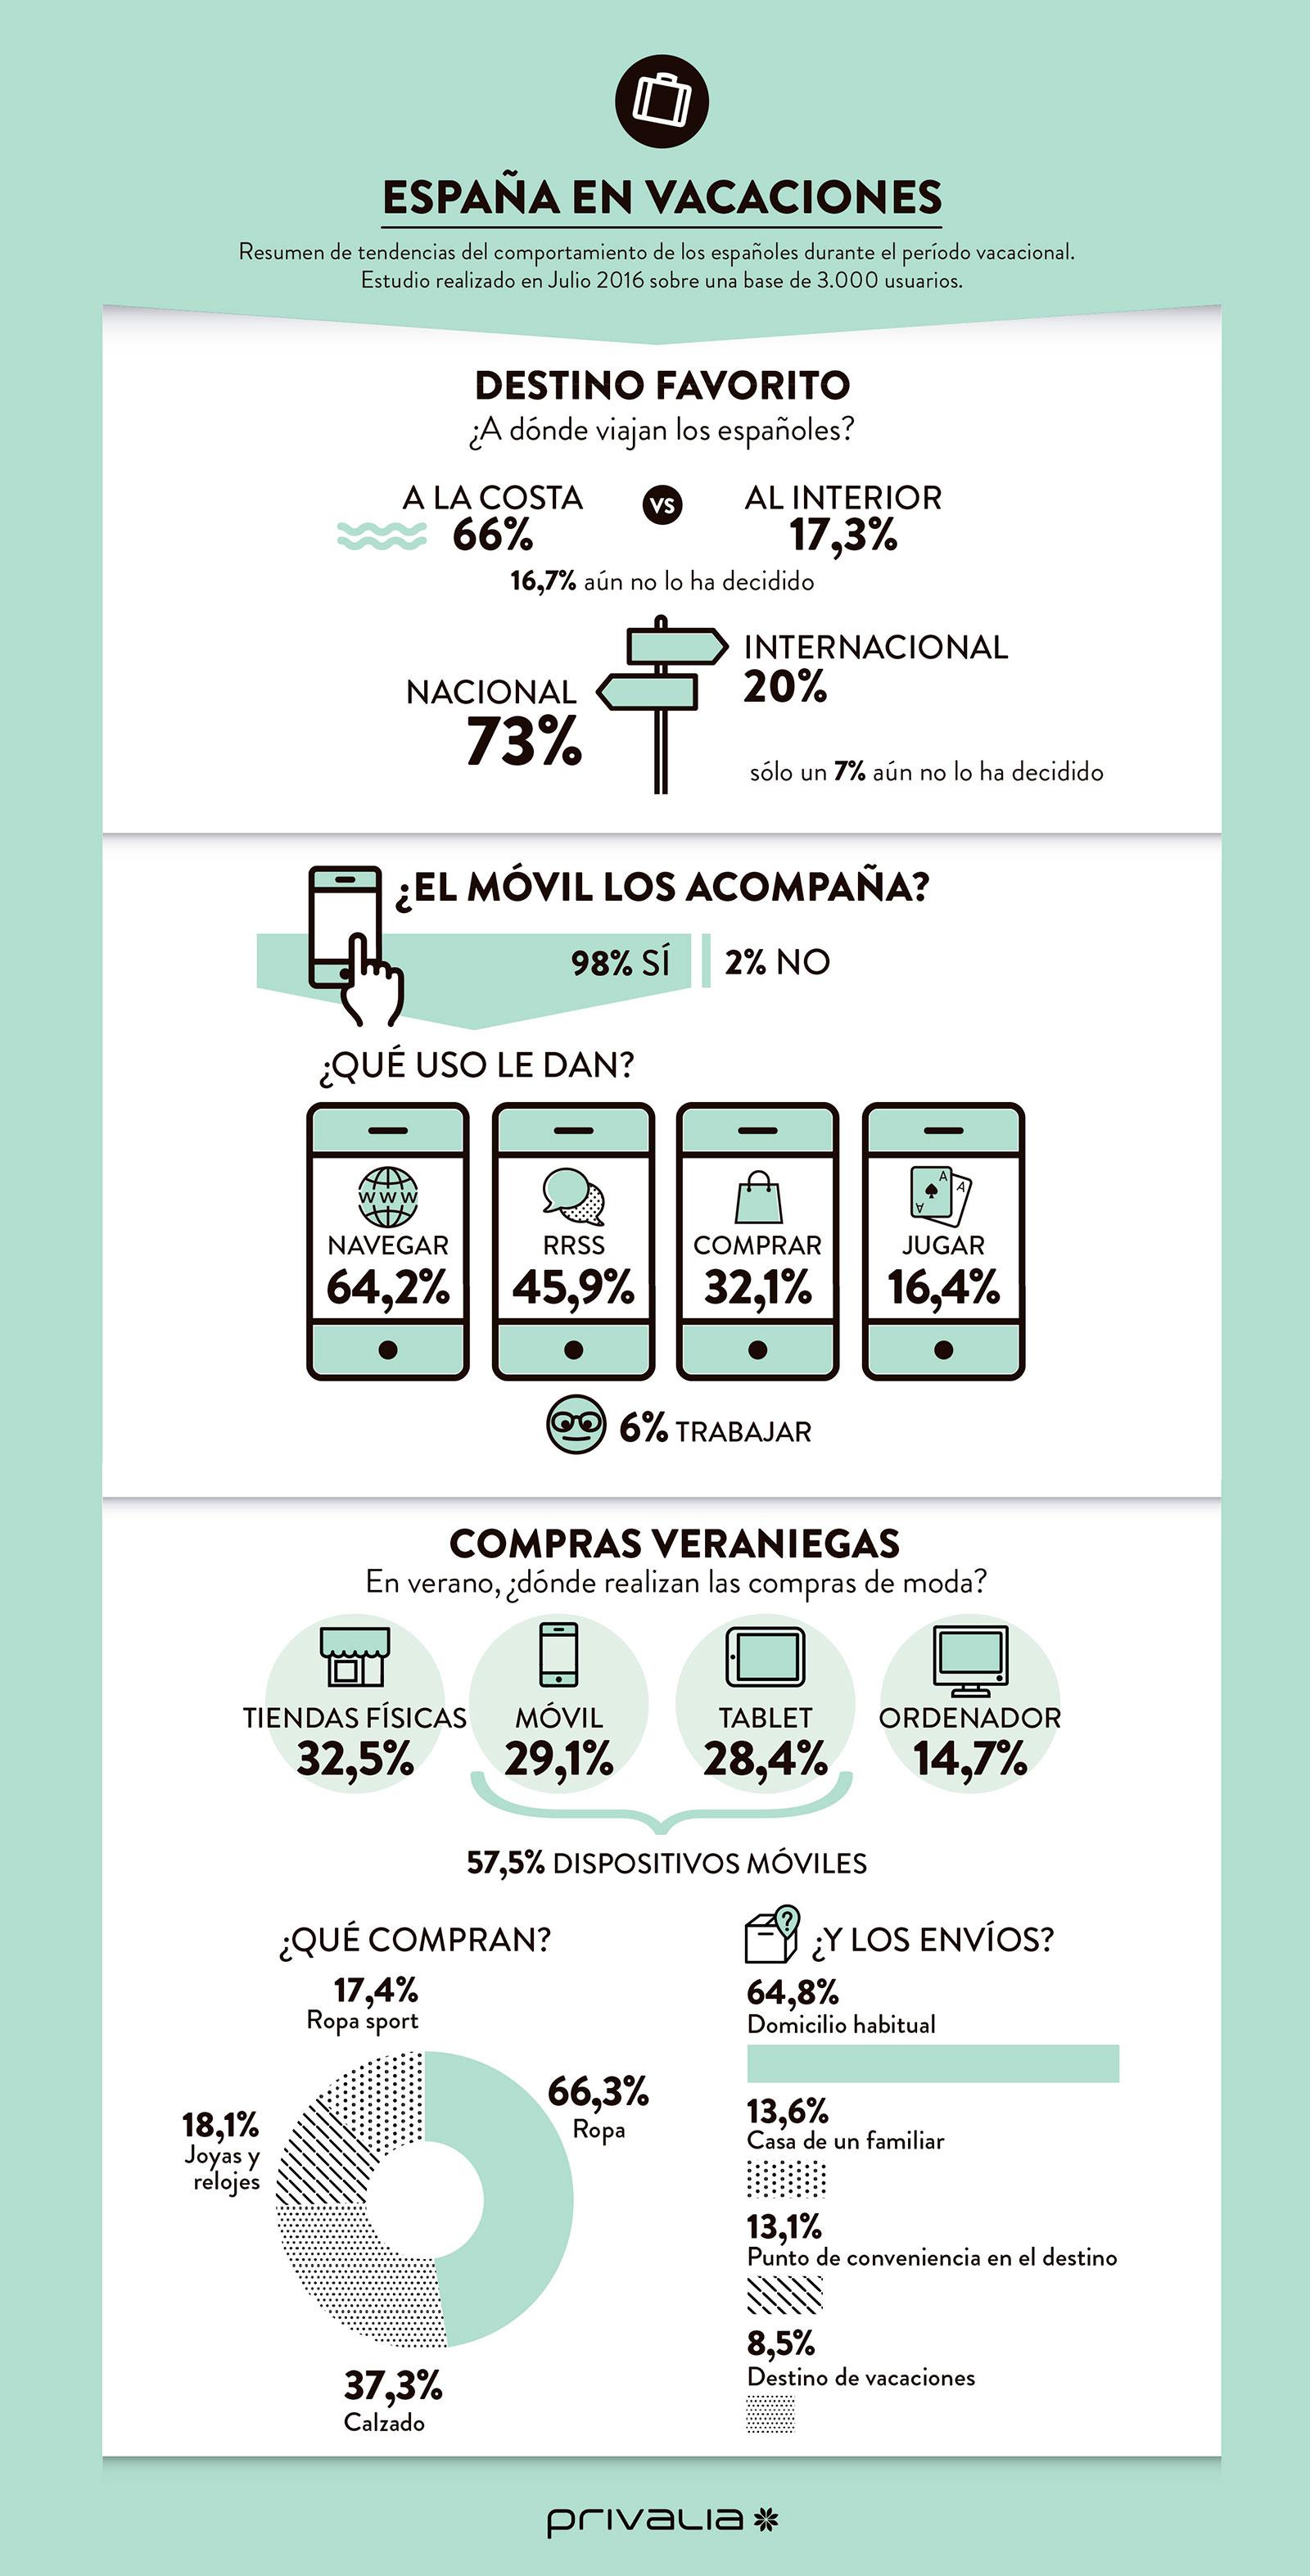 Infografia-Privalia-verano